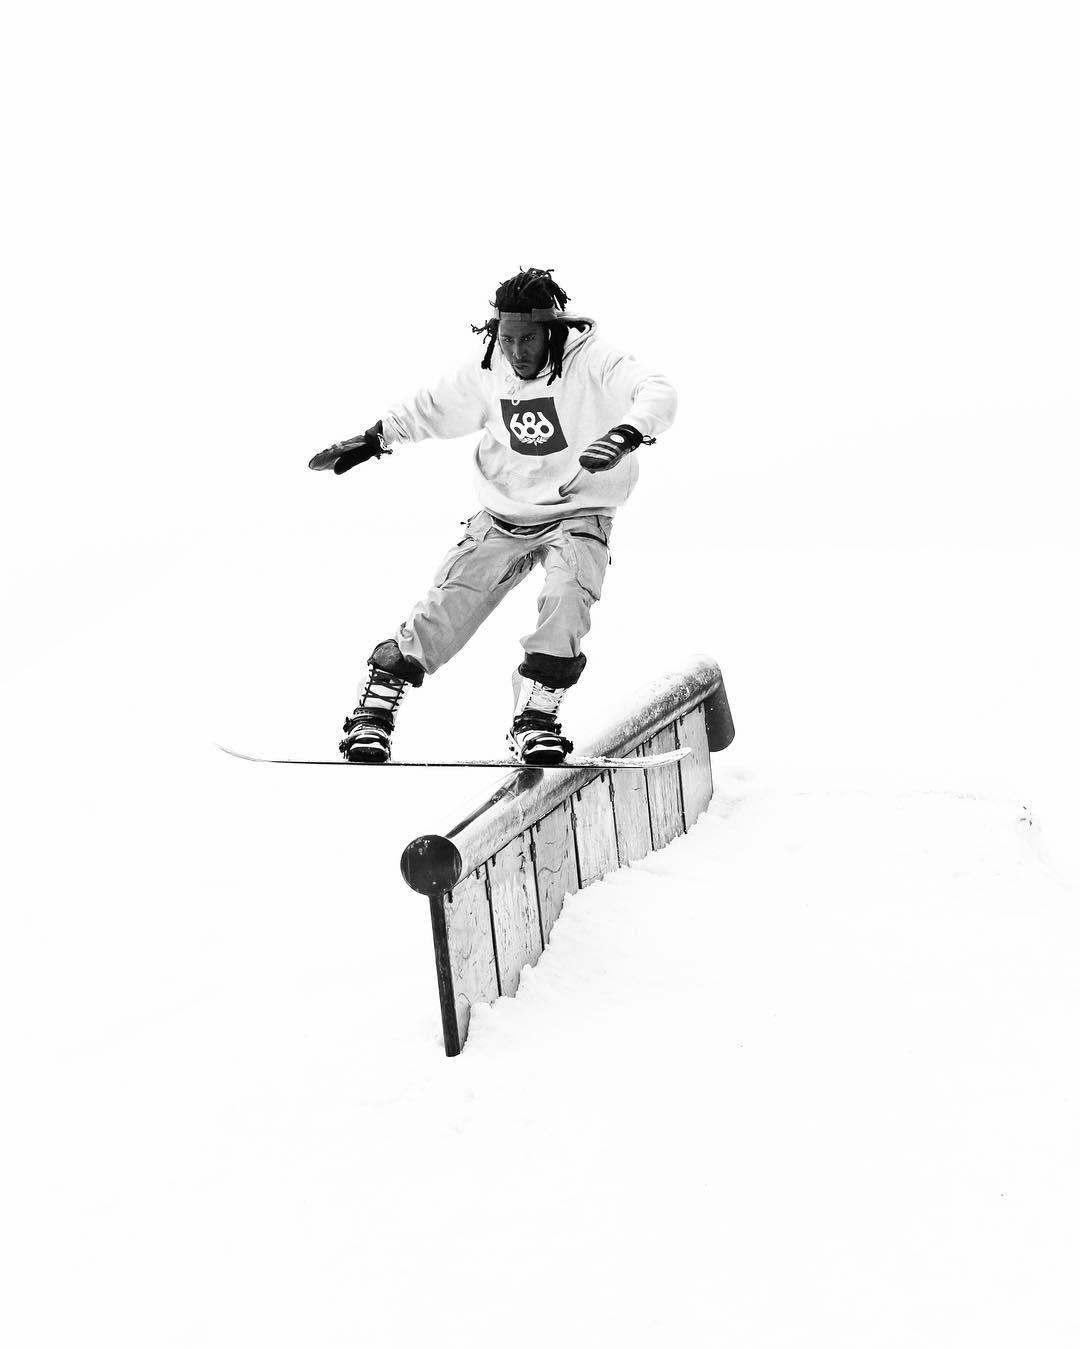 Flux rider, Stephon Deifer @duh_homie_sterph boardin' in a whiteout at @woodwardcopper #fluxbindings #snowboarding ❄️